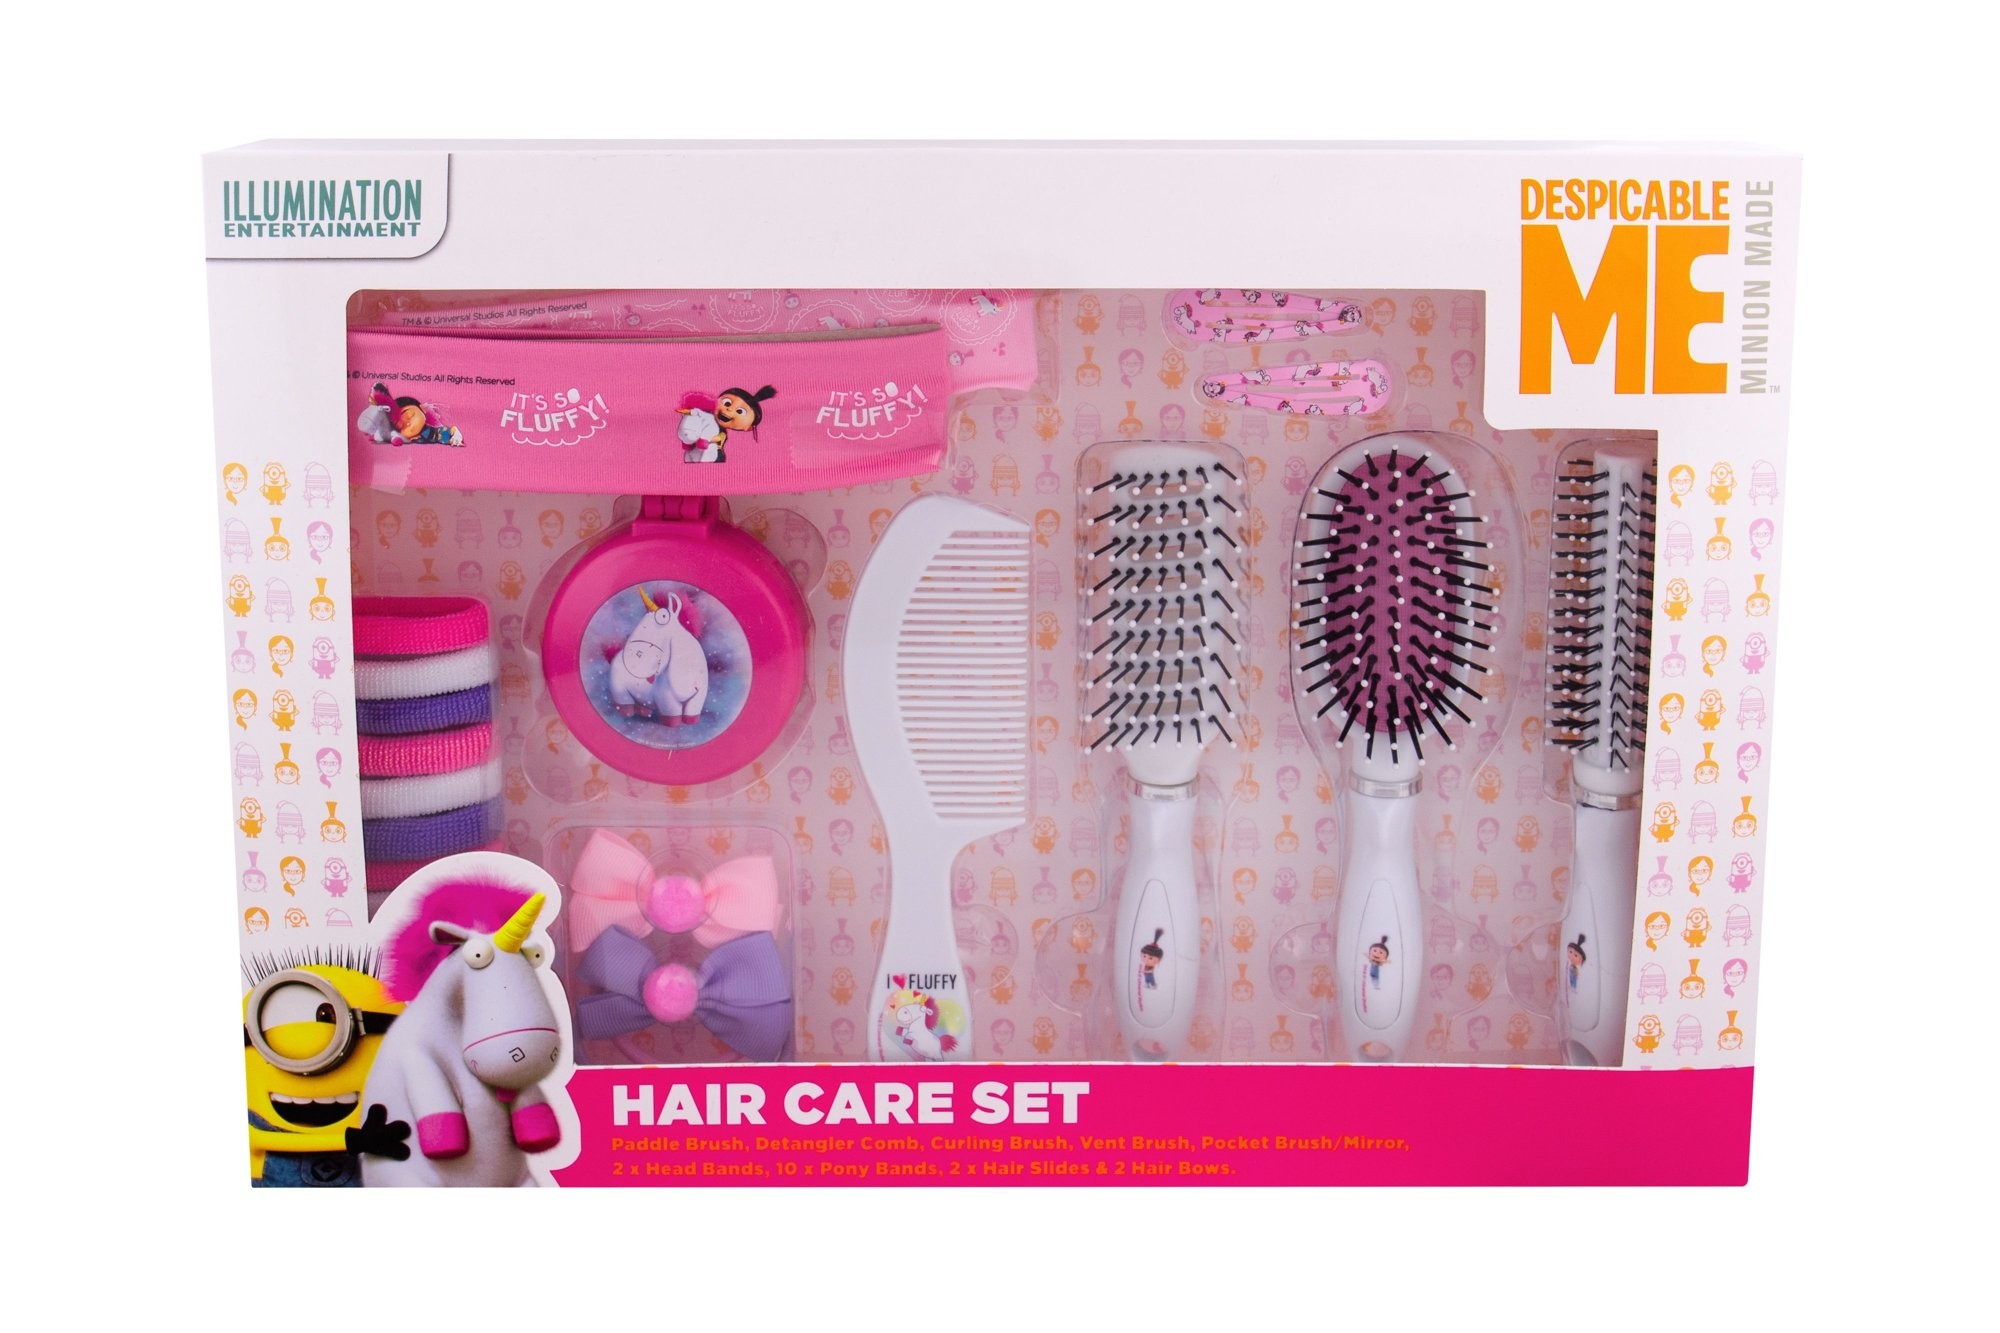 Minions Unicorns Hairbrush 1ml